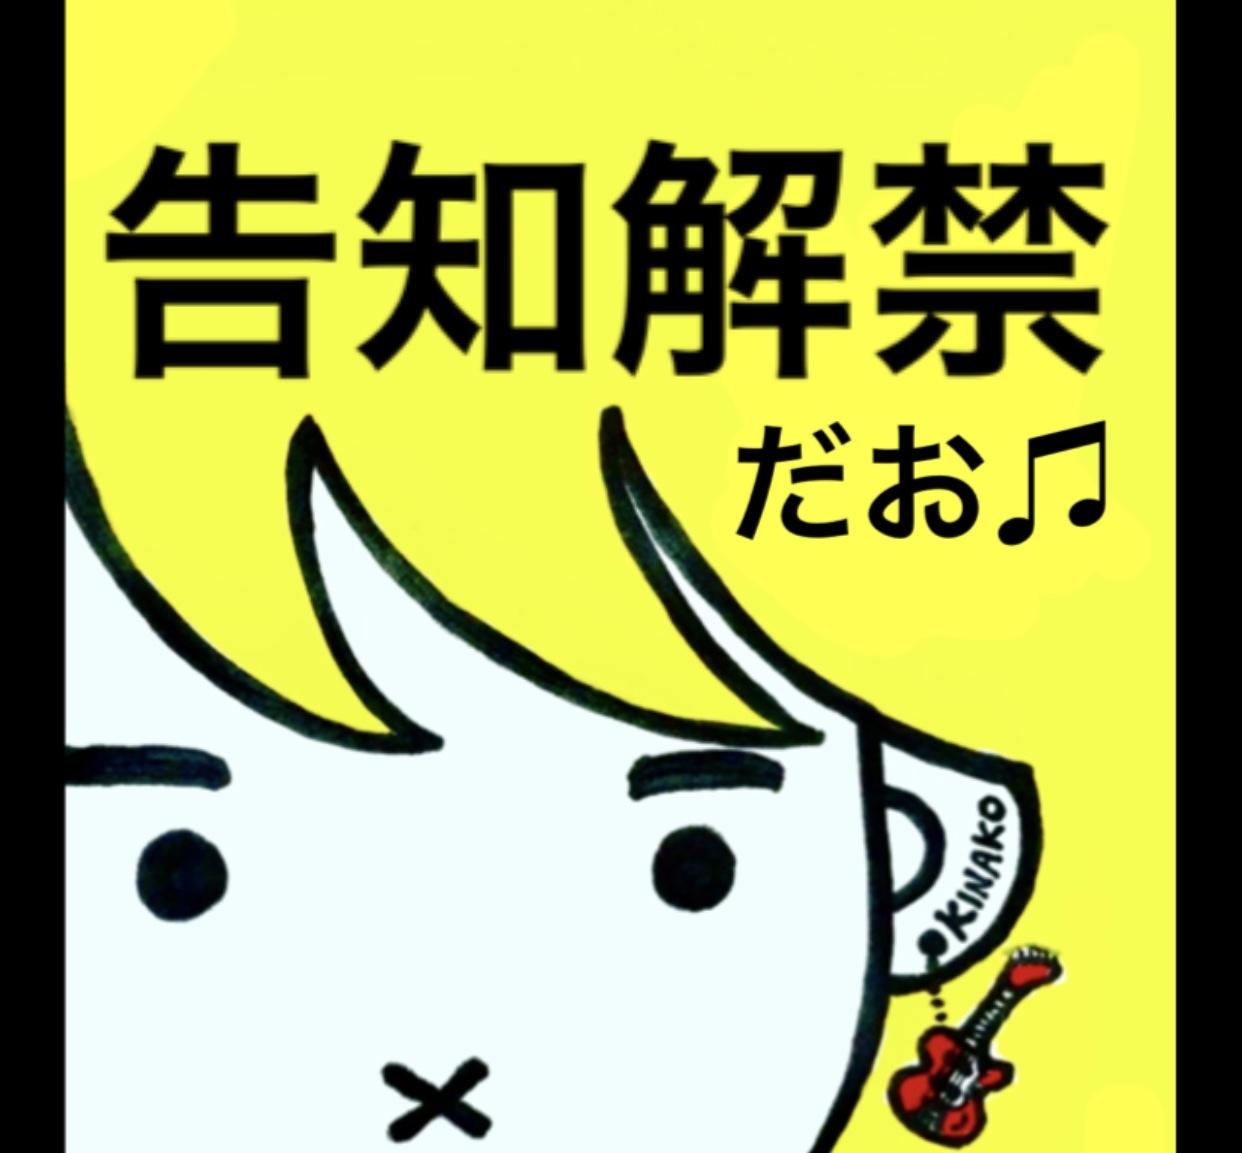 配信リリース&ライブ情報&ひとりごと_f0115311_09280629.jpeg